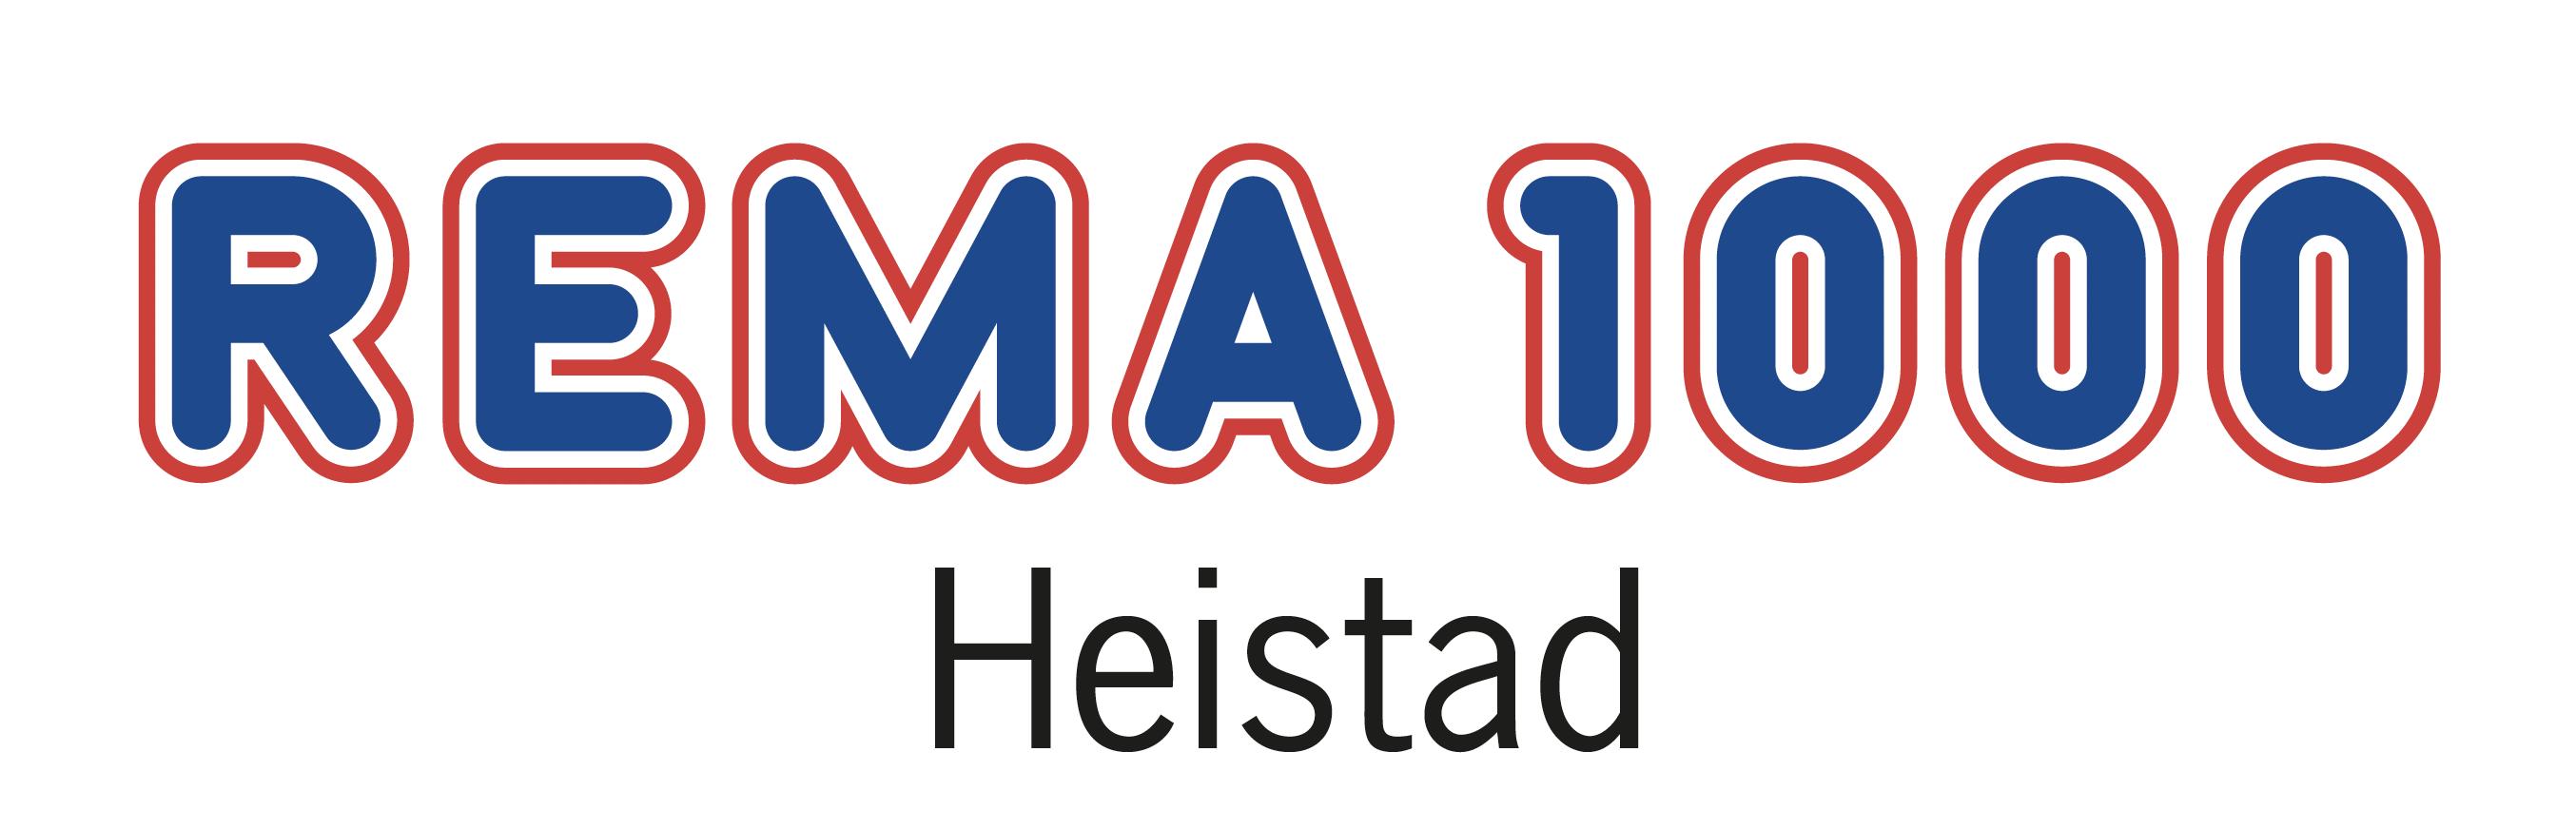 Rema 1000 Heistad